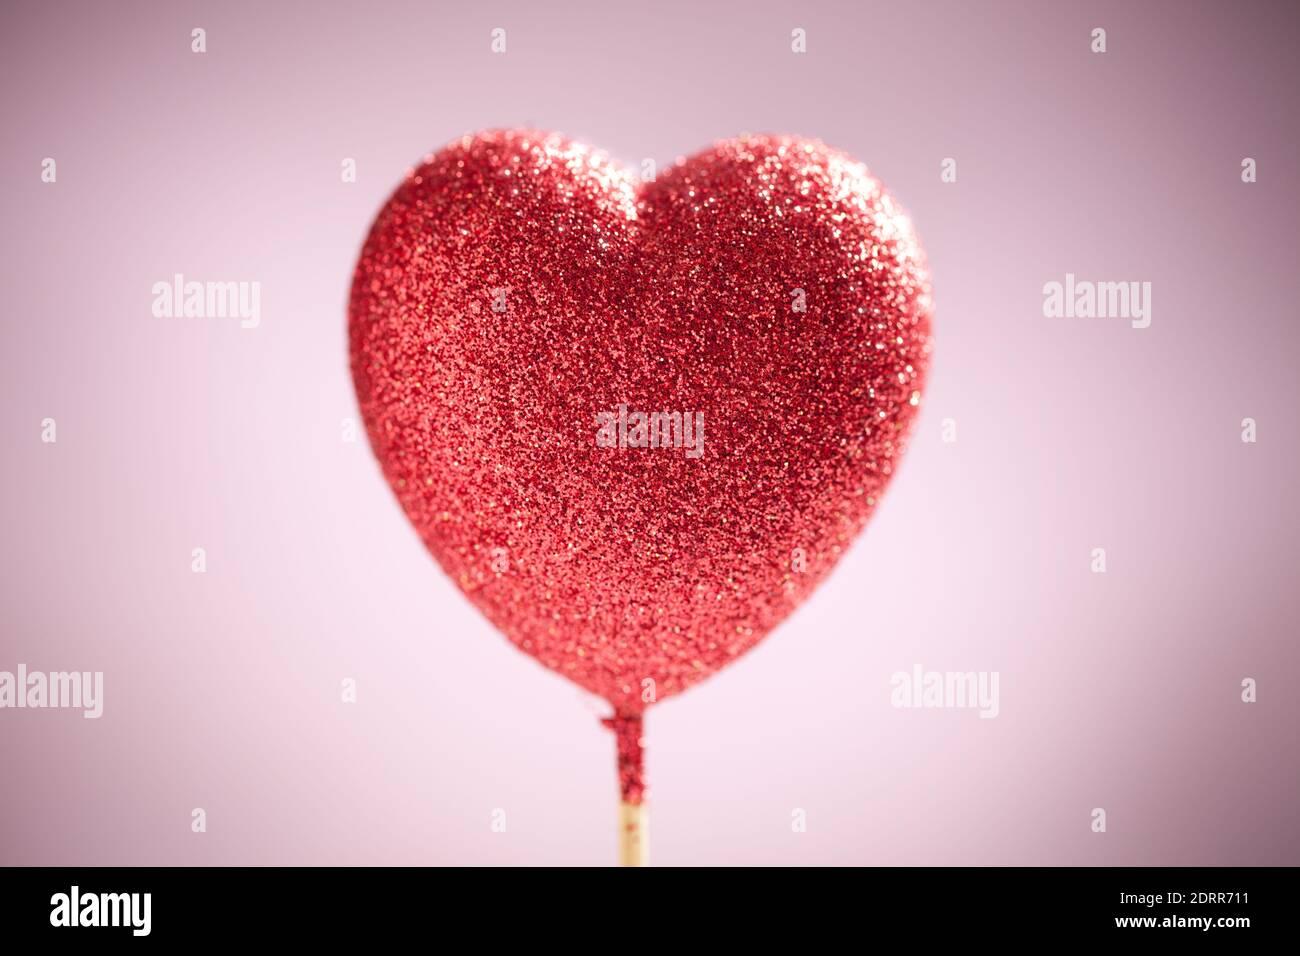 Gros plan sur un coeur scintillant sur fond rose flou. Ce fichier est nettoyé et retouché. Banque D'Images